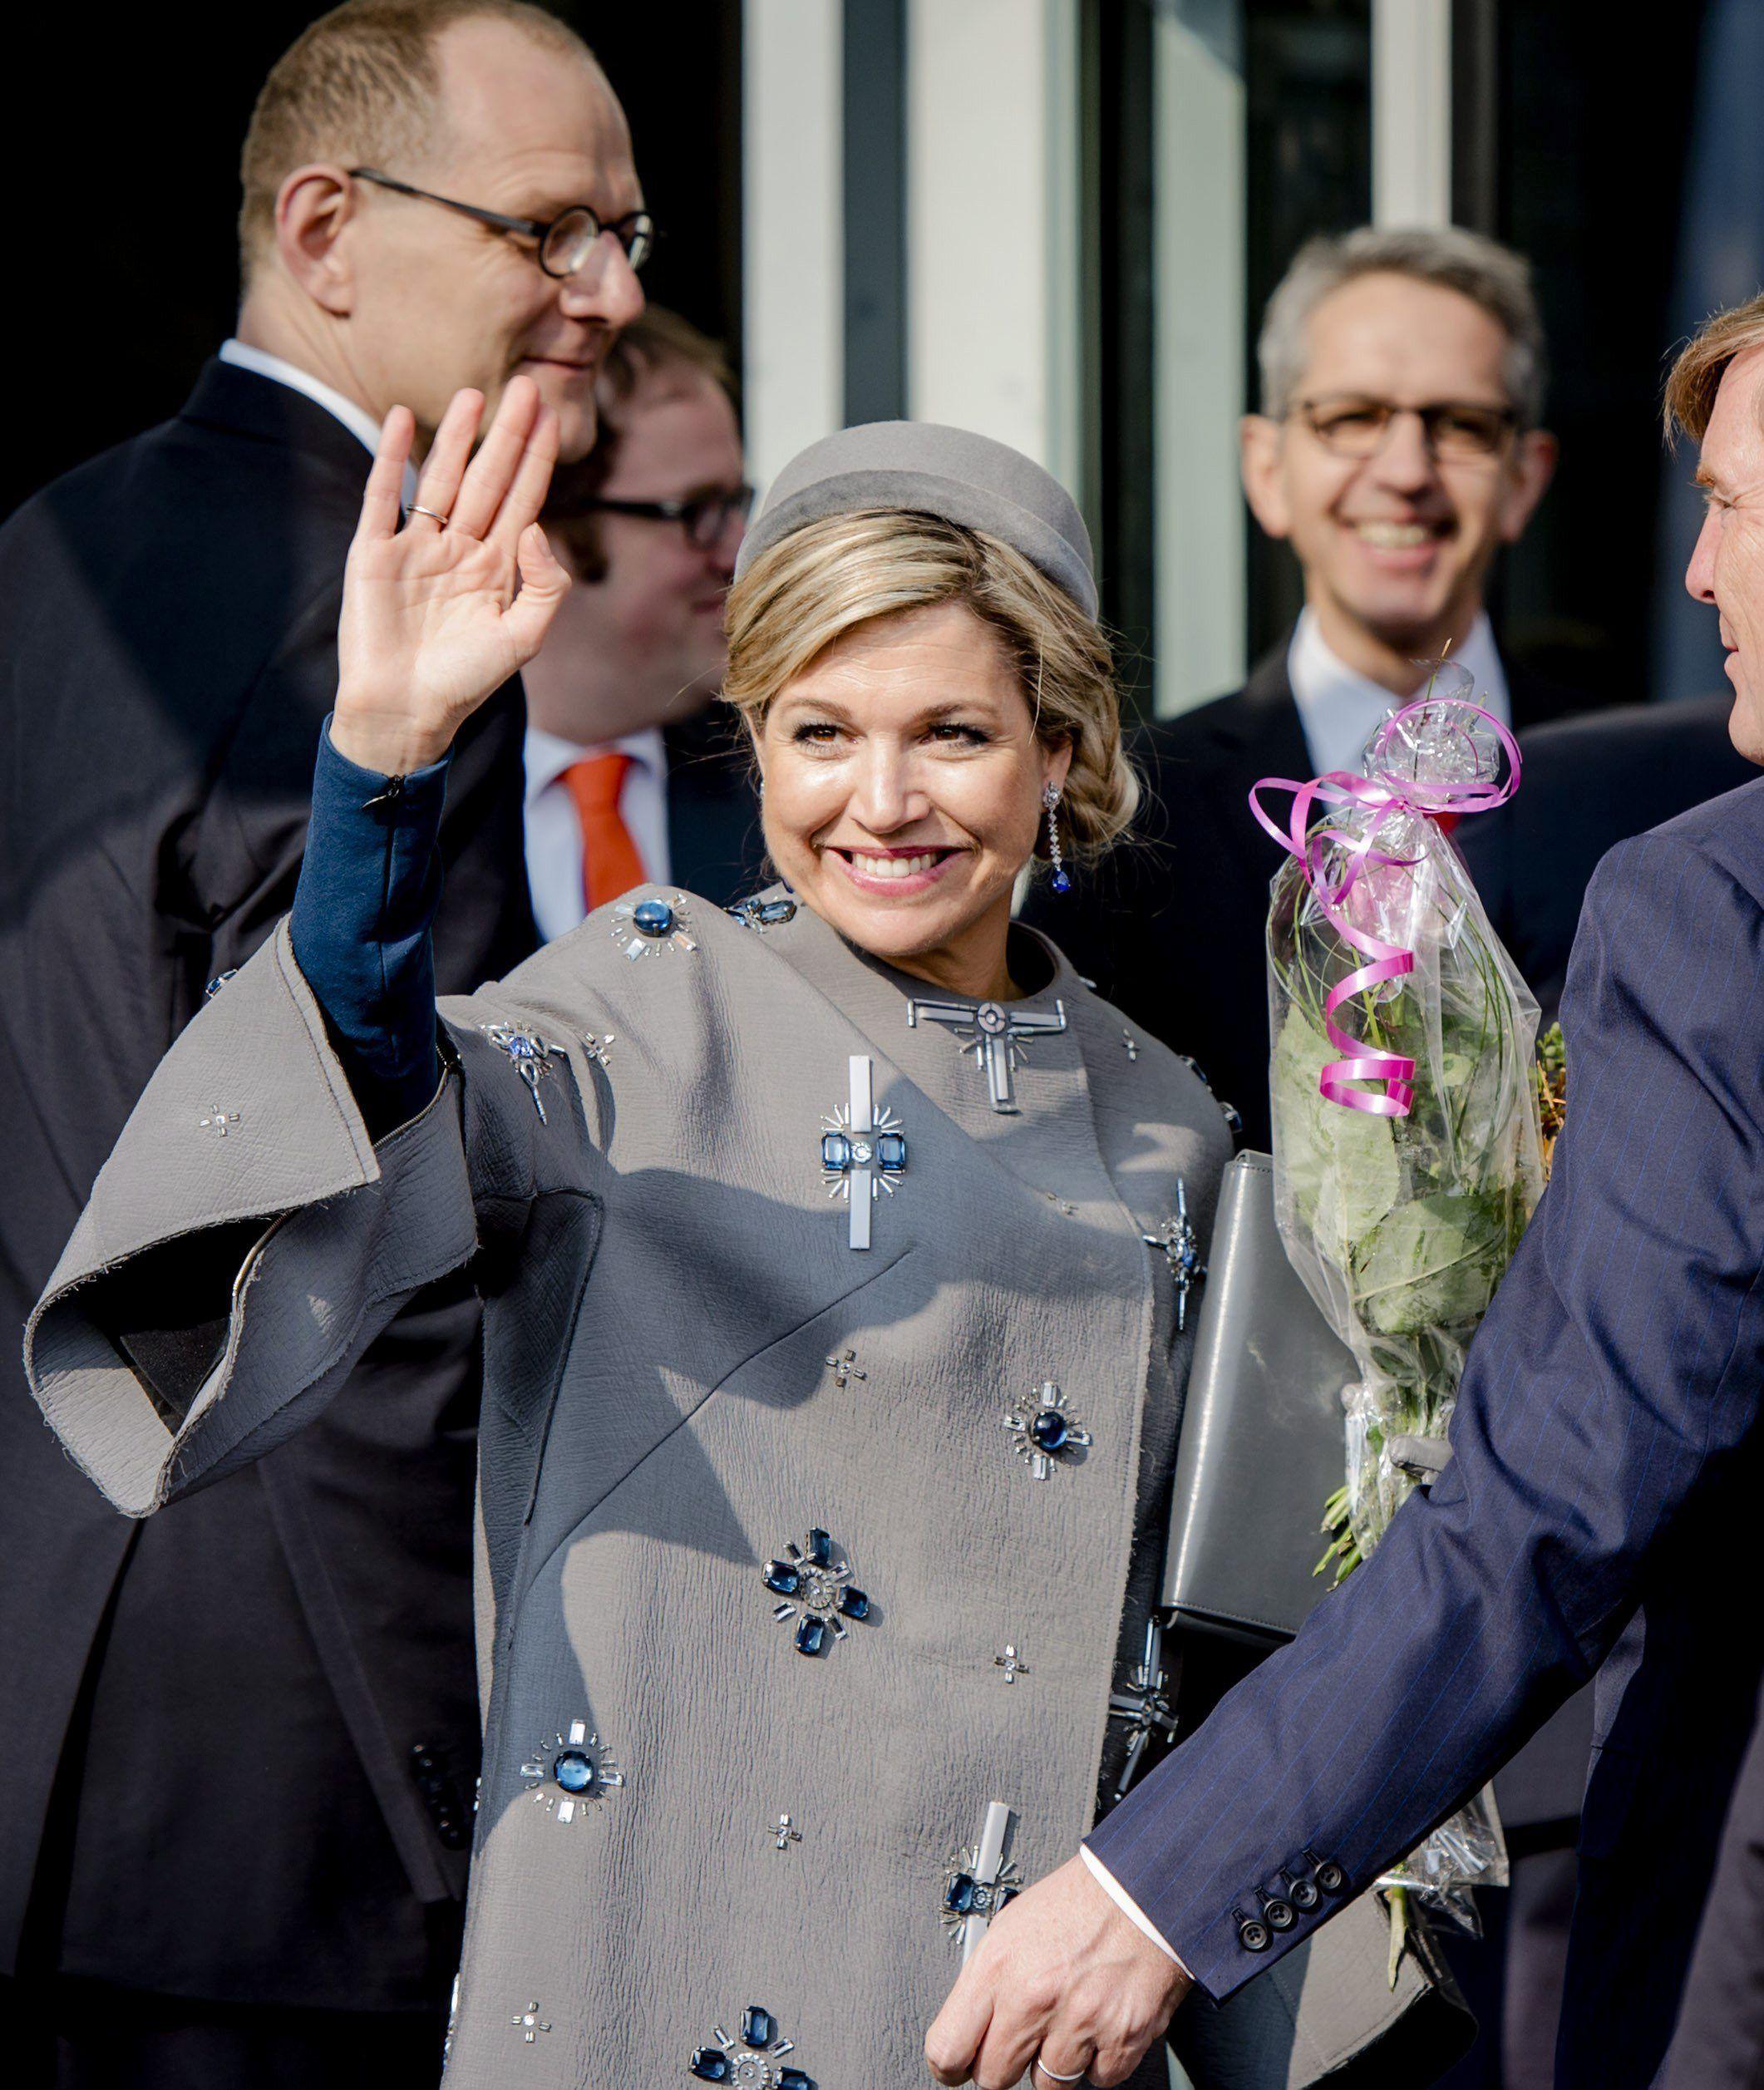 El tapado de Máxima causó una polémica en Alemania por su simbología nazi